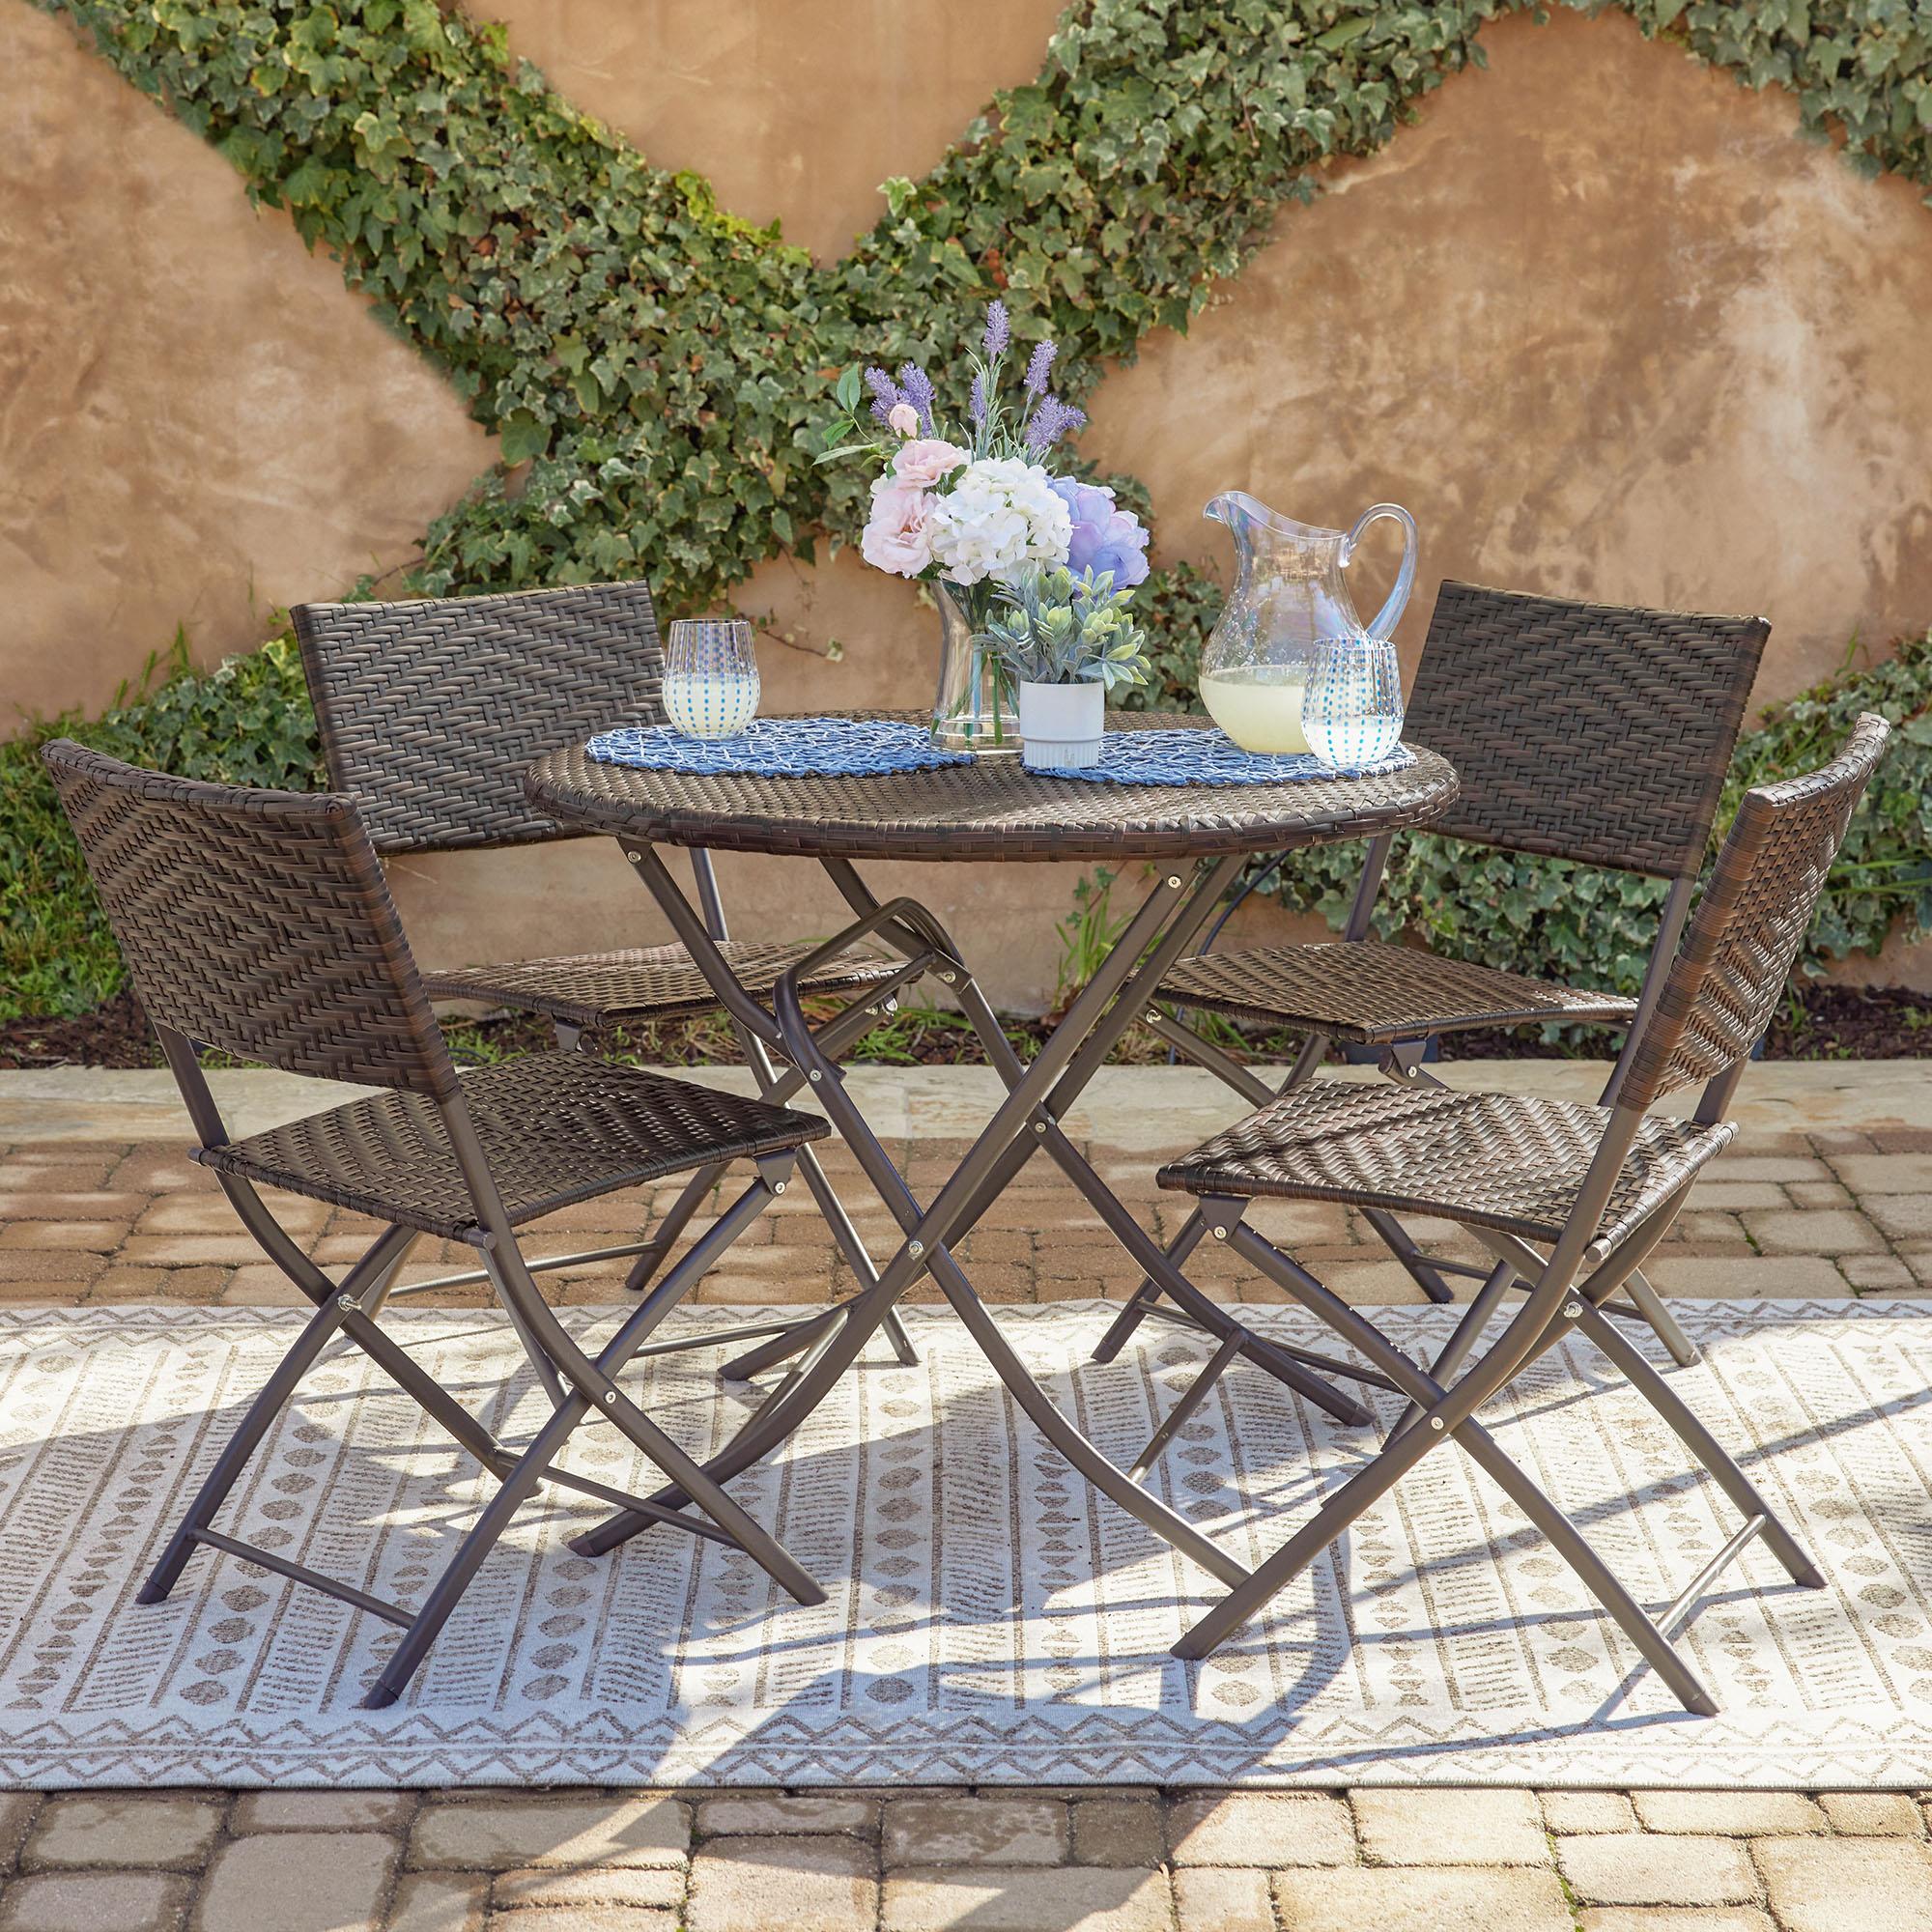 Belleze Bistro Wicker Outdoor Furniture Seating Set